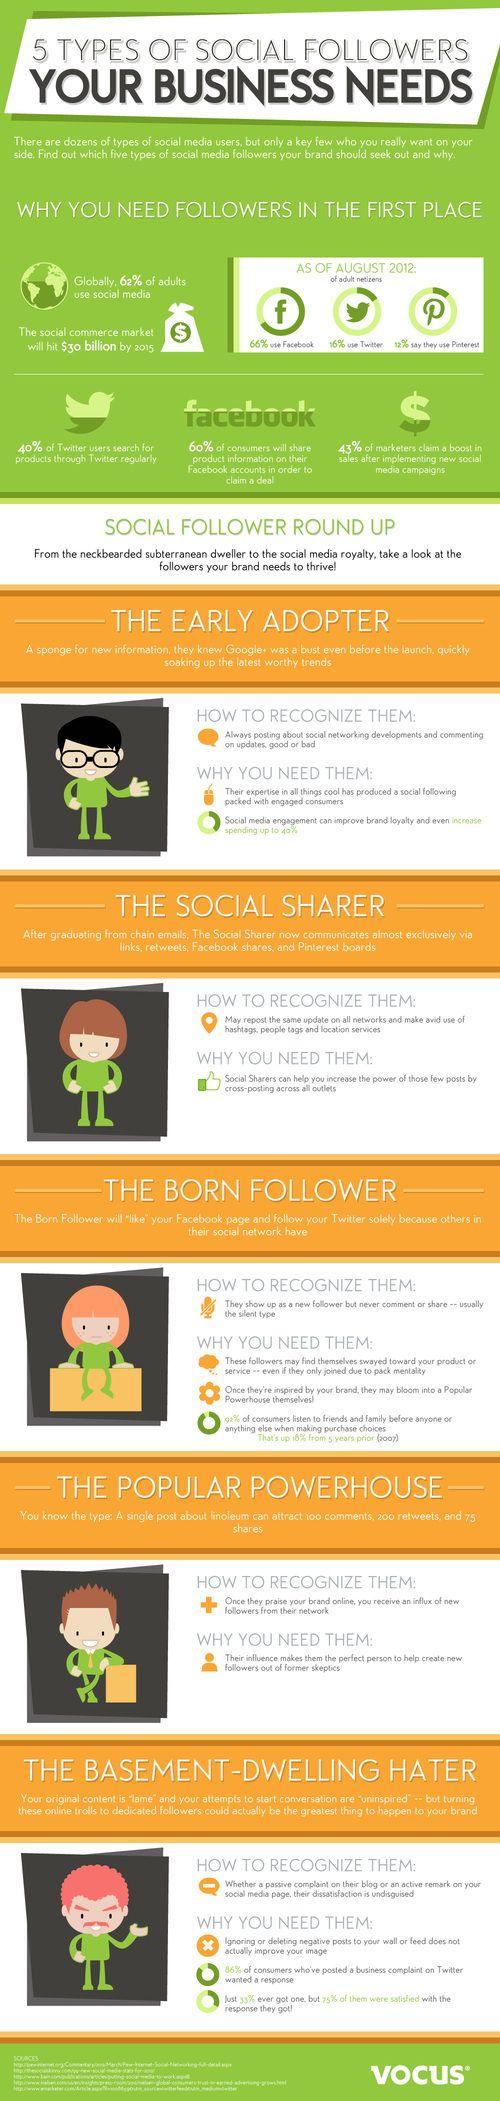 Infografiche  -- Ecco un'infografica interessante che delinea le 5 tipologie di follower che ogni azienda dovrebbe avere sul web. Buona lettura a tutti!